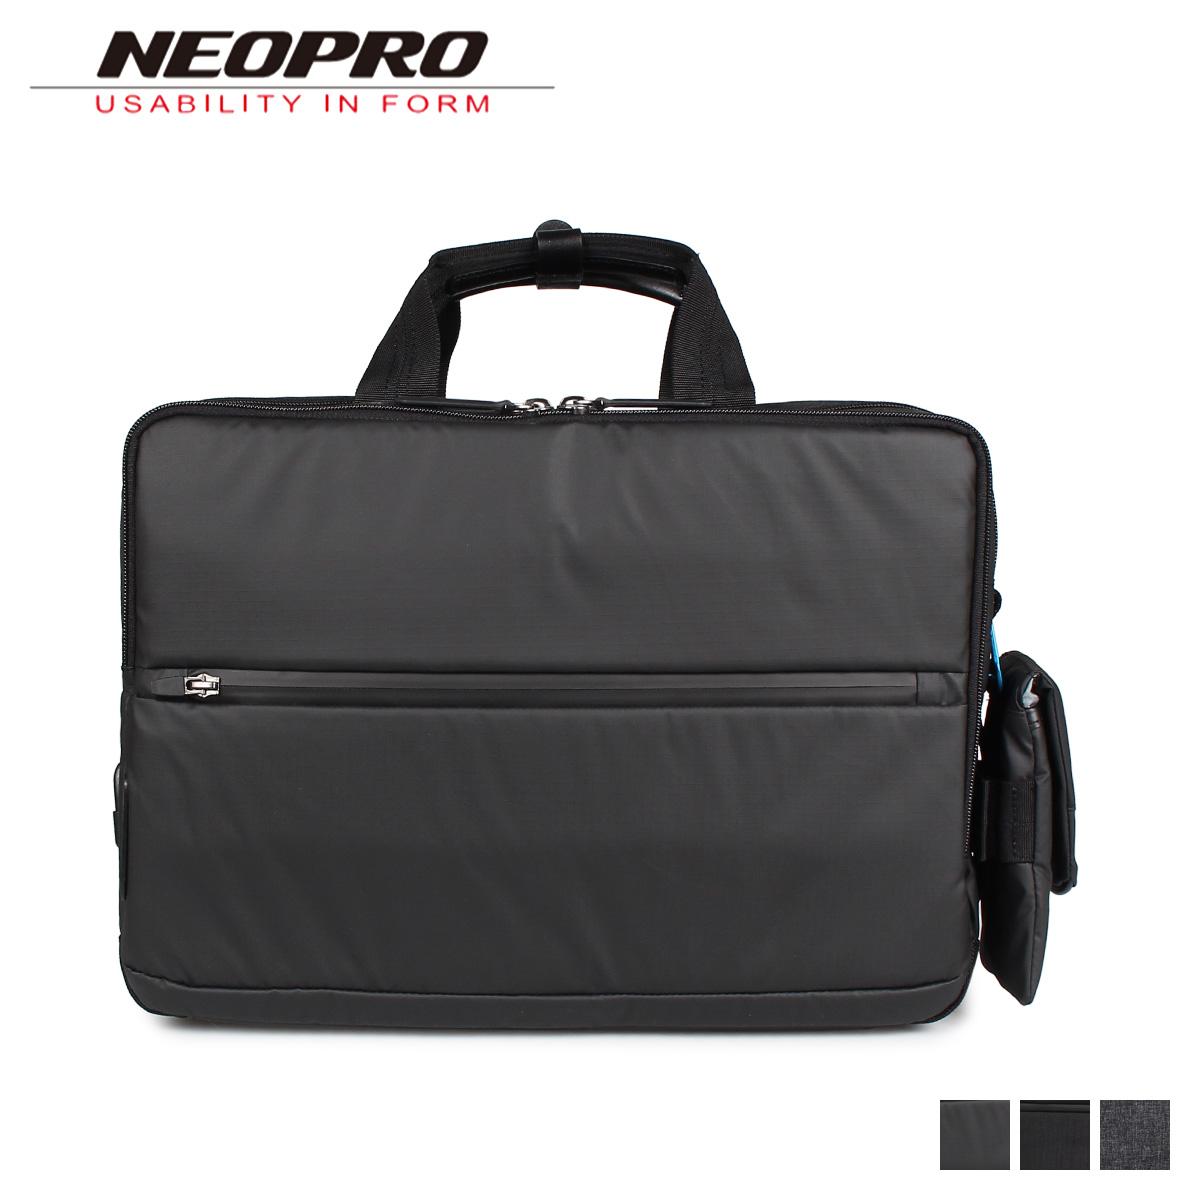 ネオプロ NEOPRO リュック バック バックパック ビジネスバッグ ショルダー メンズ 2WAY CONNECT ブラック 黒 2-771